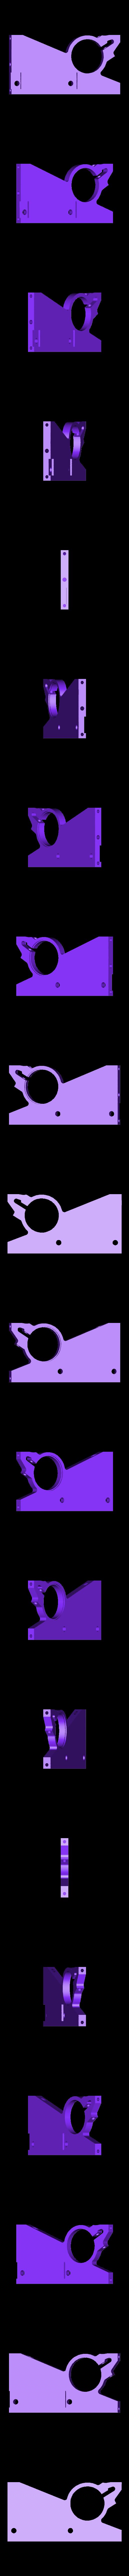 AR320261 ARAC3468 BULKHEAD MID-FRONT v13.stl Download STL file ARRMA NERO / FAZON AR320261 ARAC3468 BULKHEAD MID-FRONT with custom servo mount • 3D printer design, peterbroeders